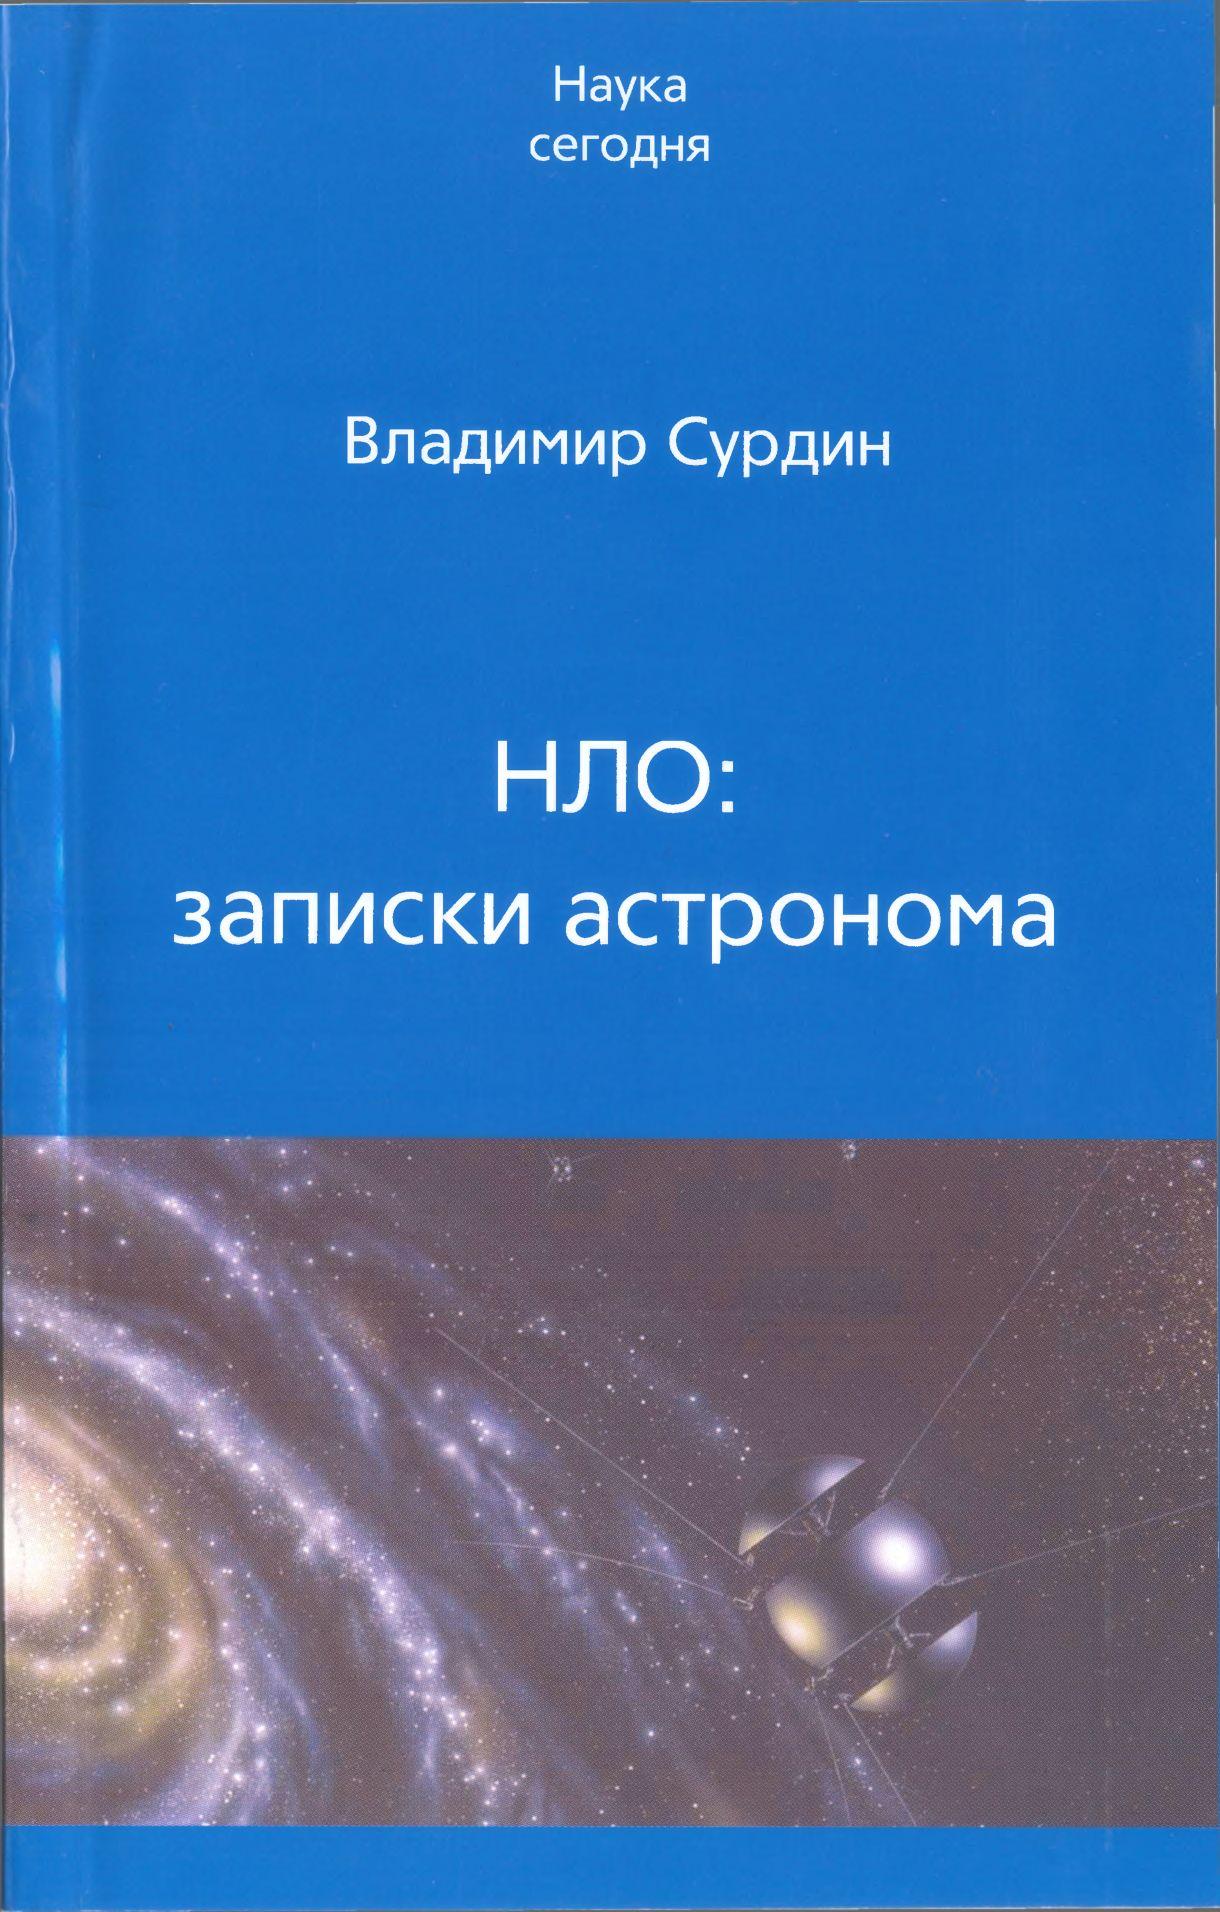 Сурдин книги скачать бесплатно